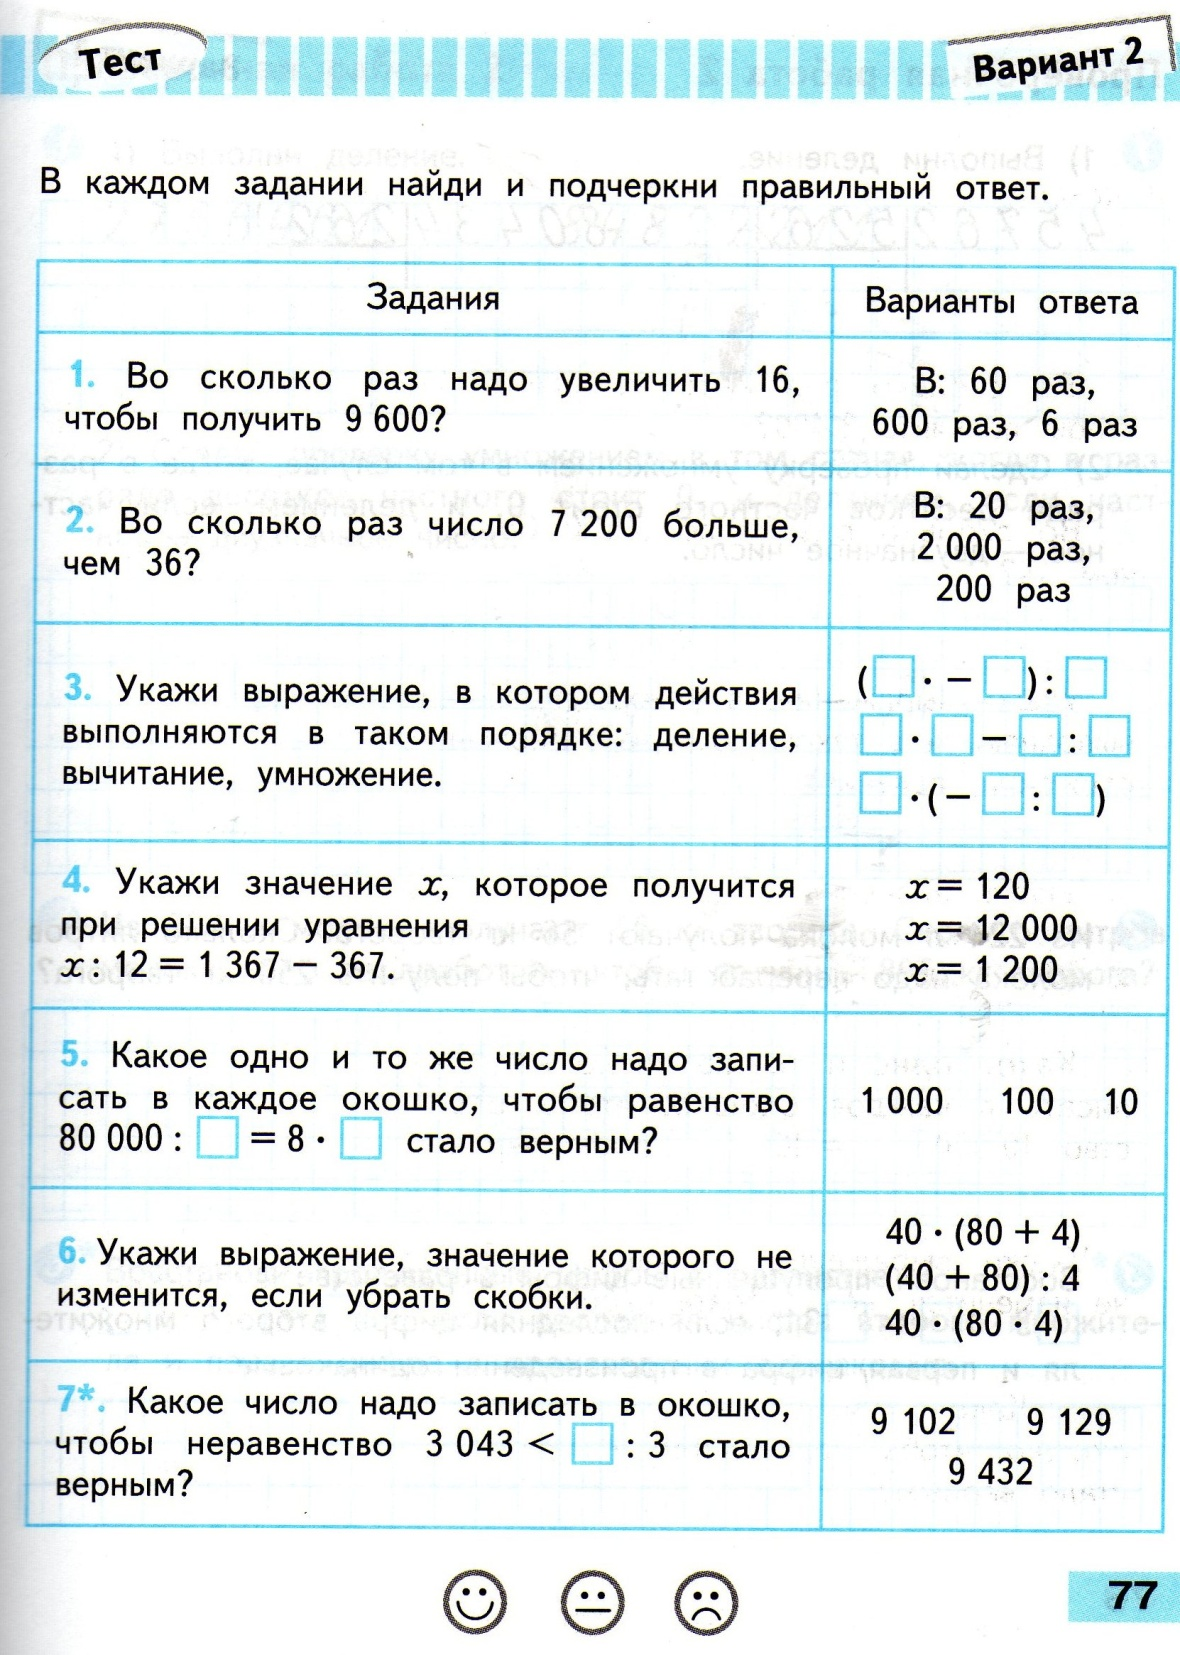 C:\Documents and Settings\Admin\Мои документы\Мои рисунки\1576.jpg